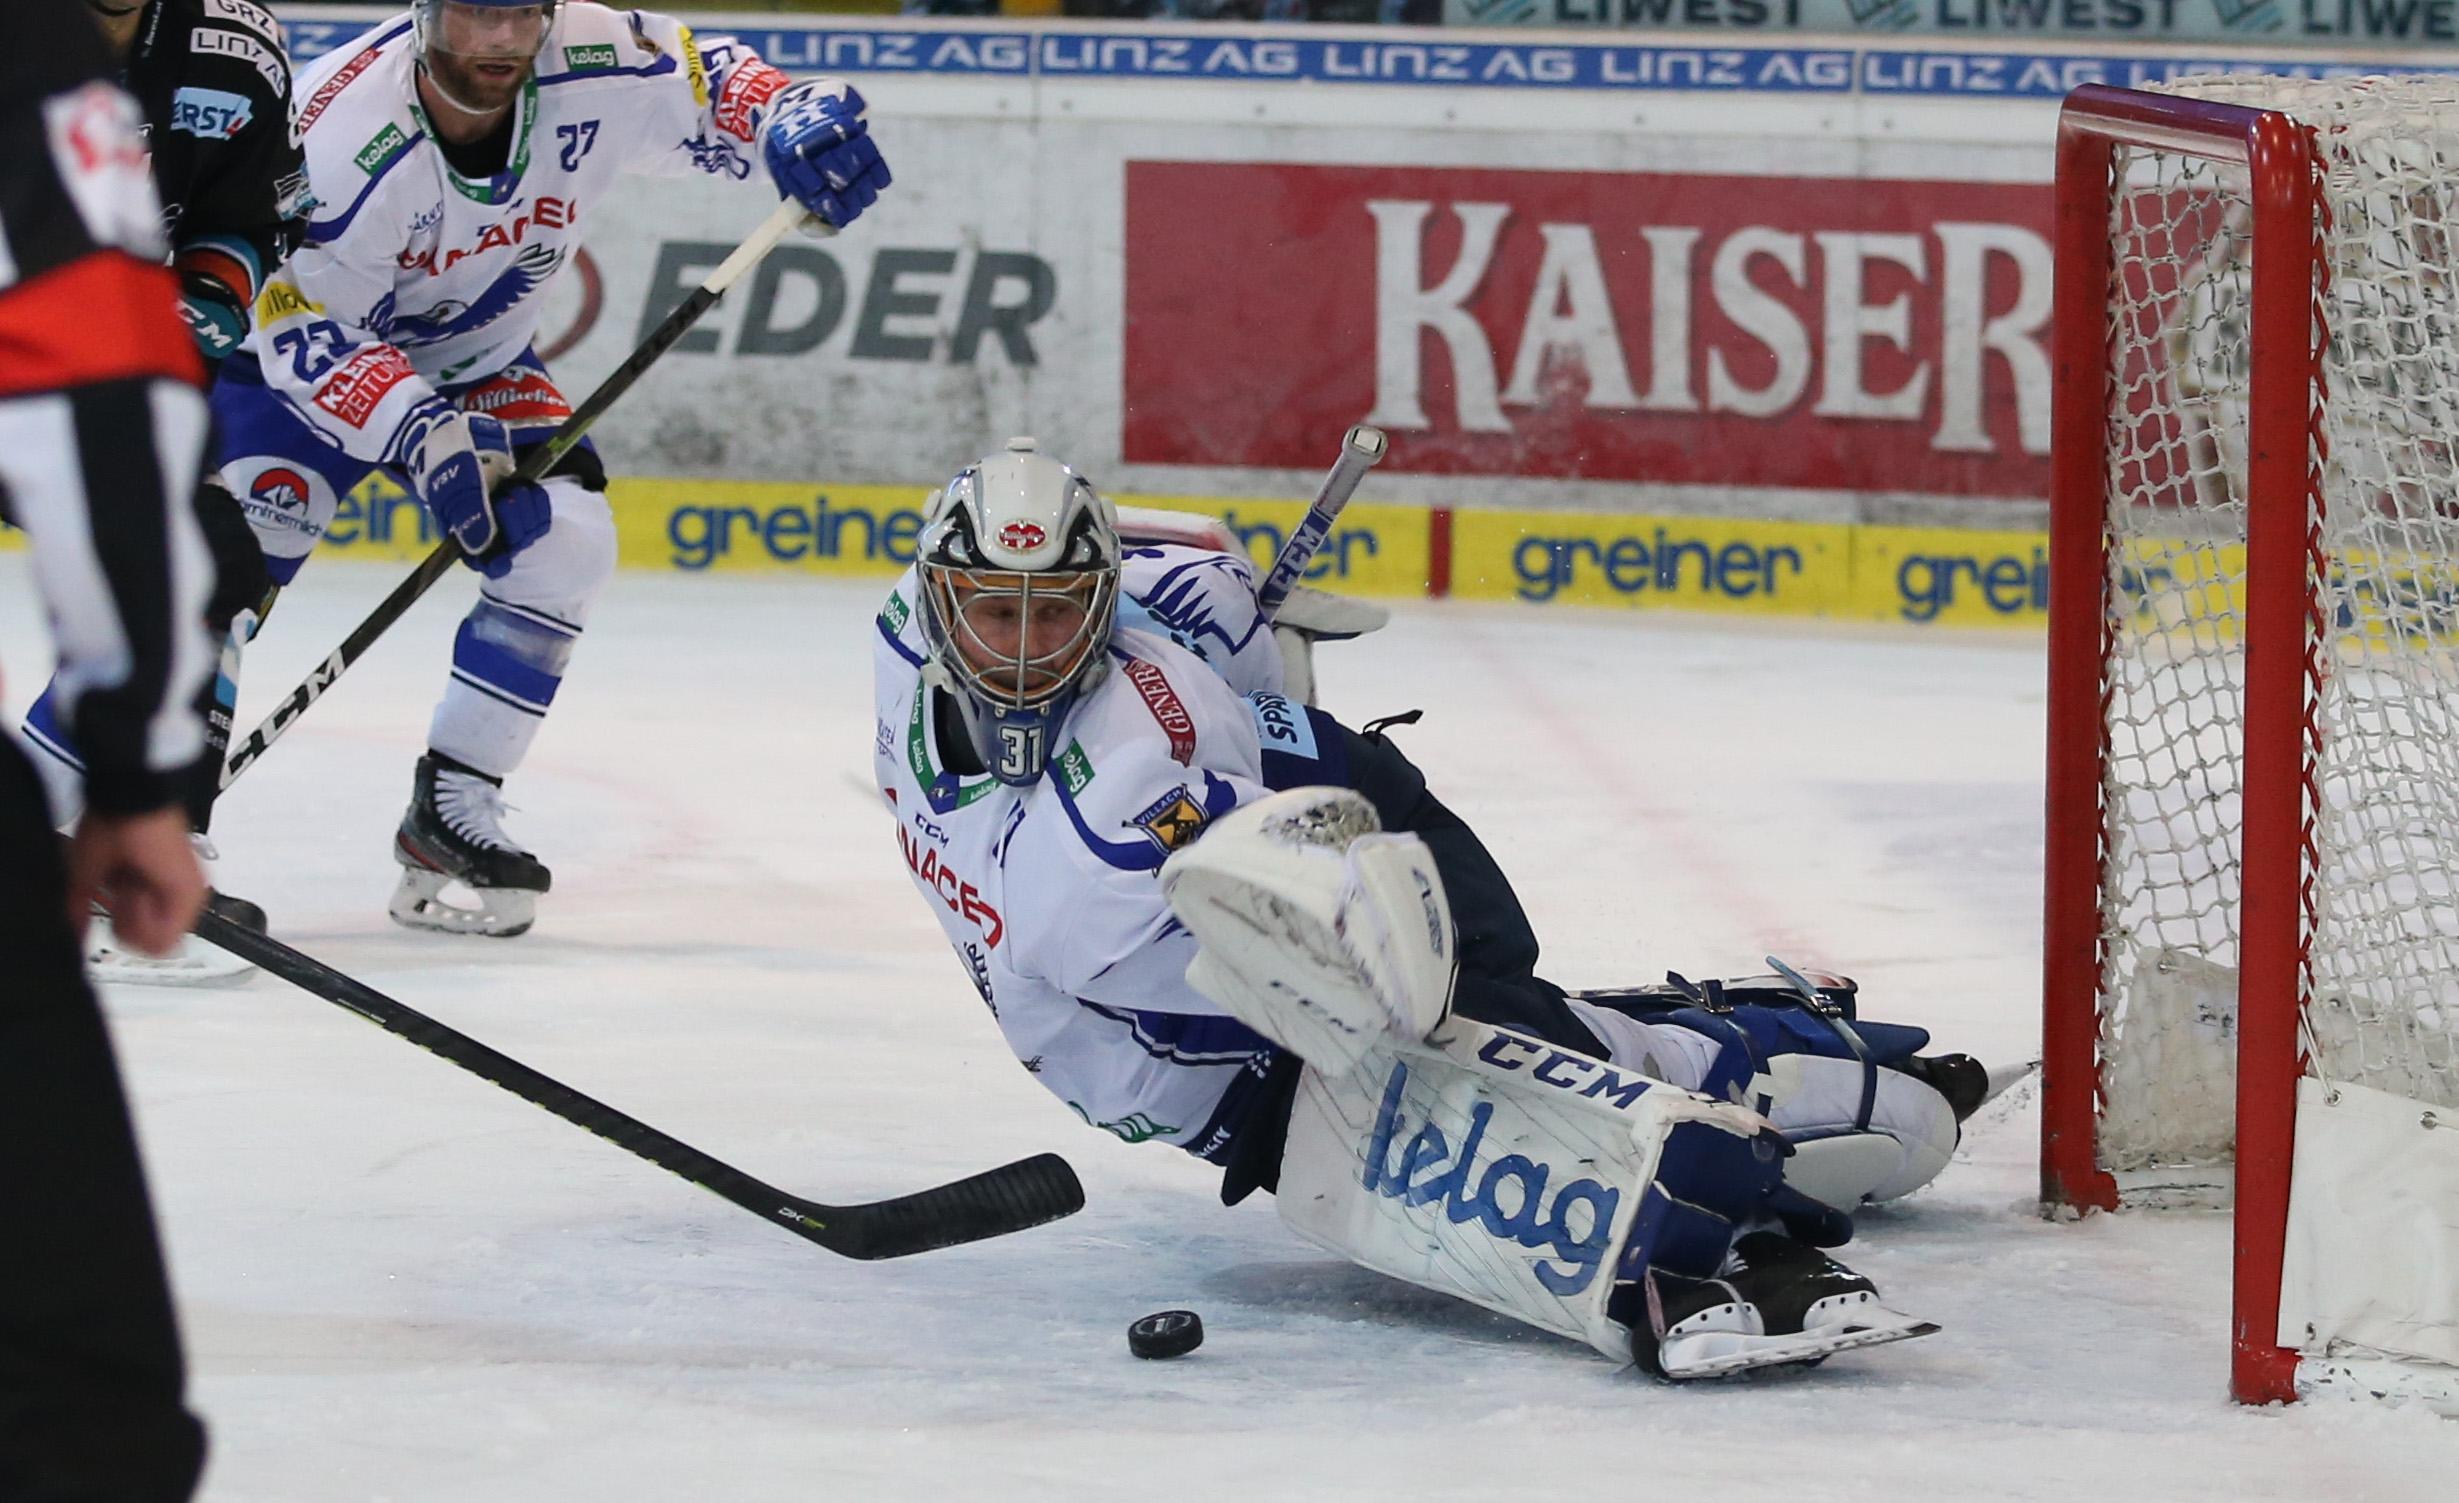 2019-11-19, Sport, Ice Hockey, Austria, Linz, Keine Sorgen Eis A